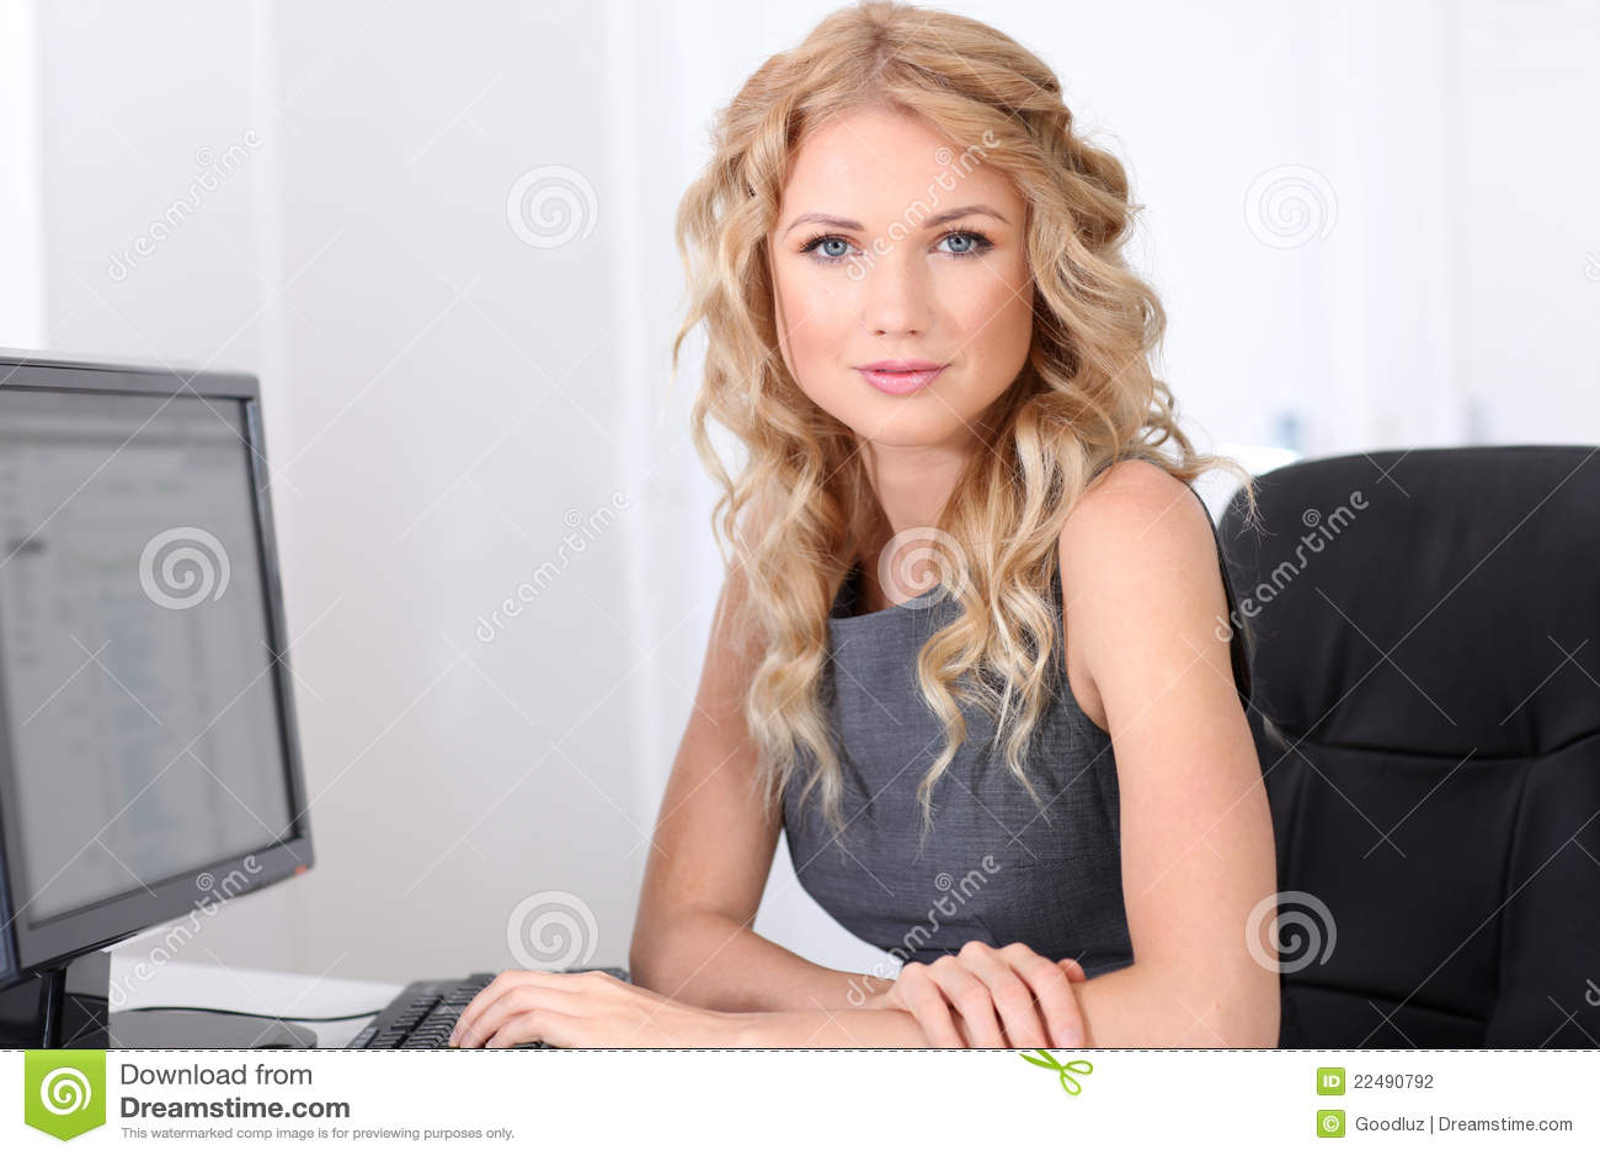 Толстые и жирные женщины порно видео на VkusPorno.Com